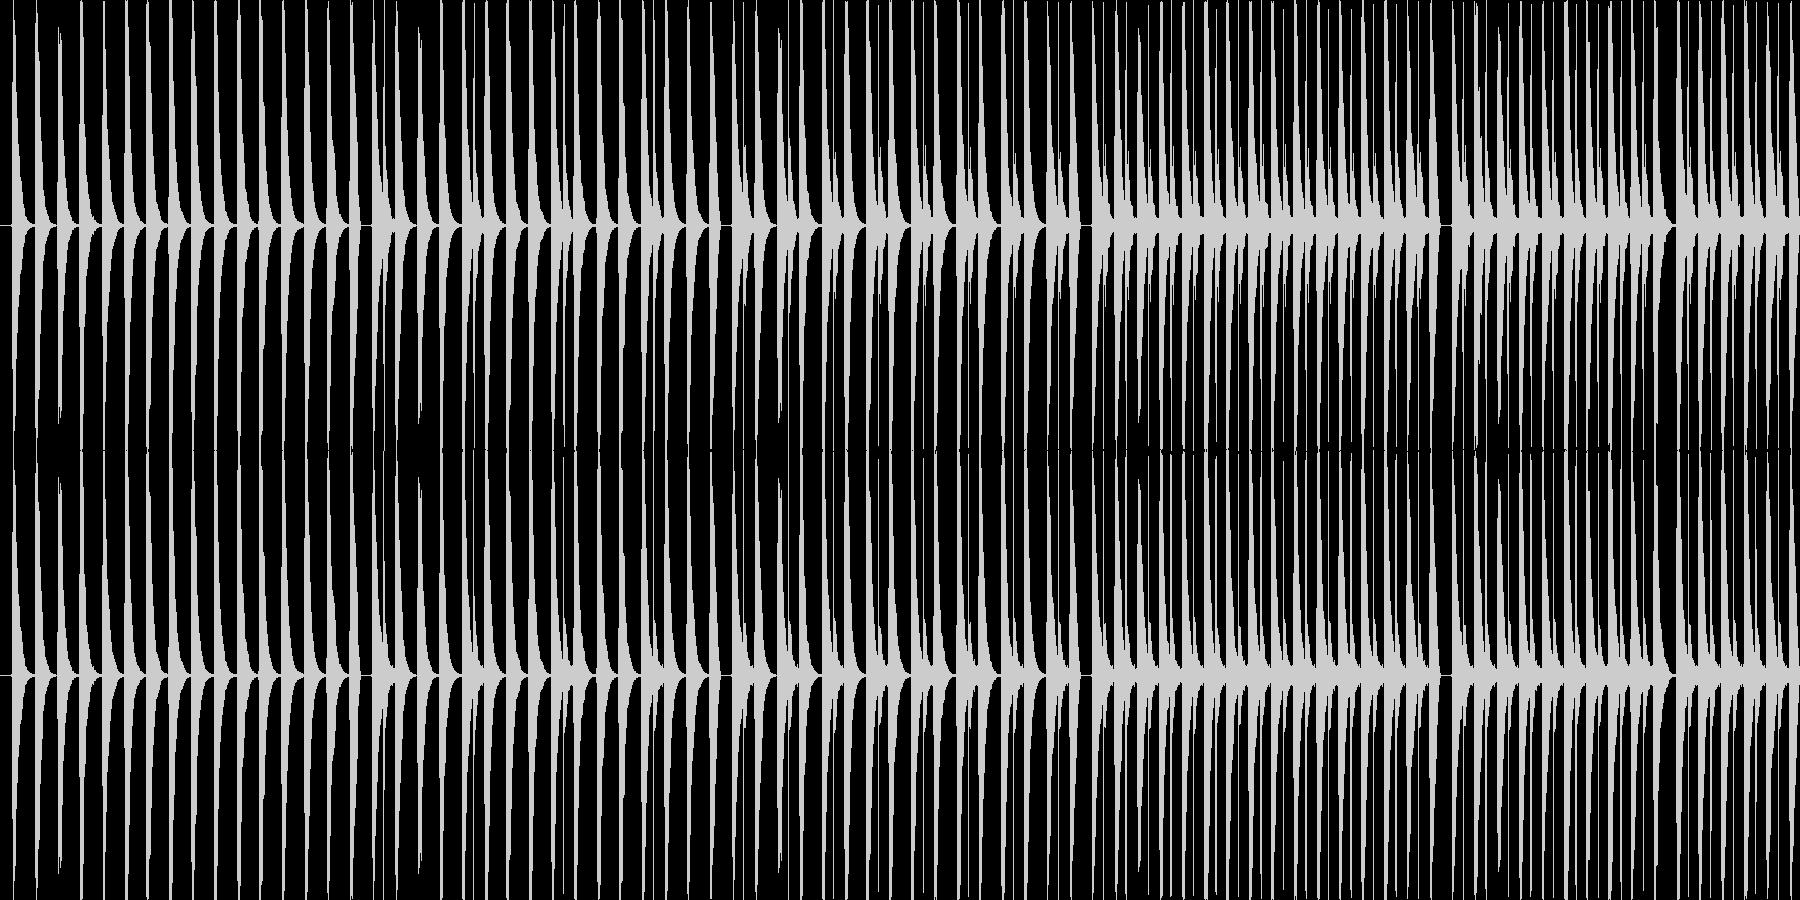 【お散歩/わくわくなポップス】の未再生の波形